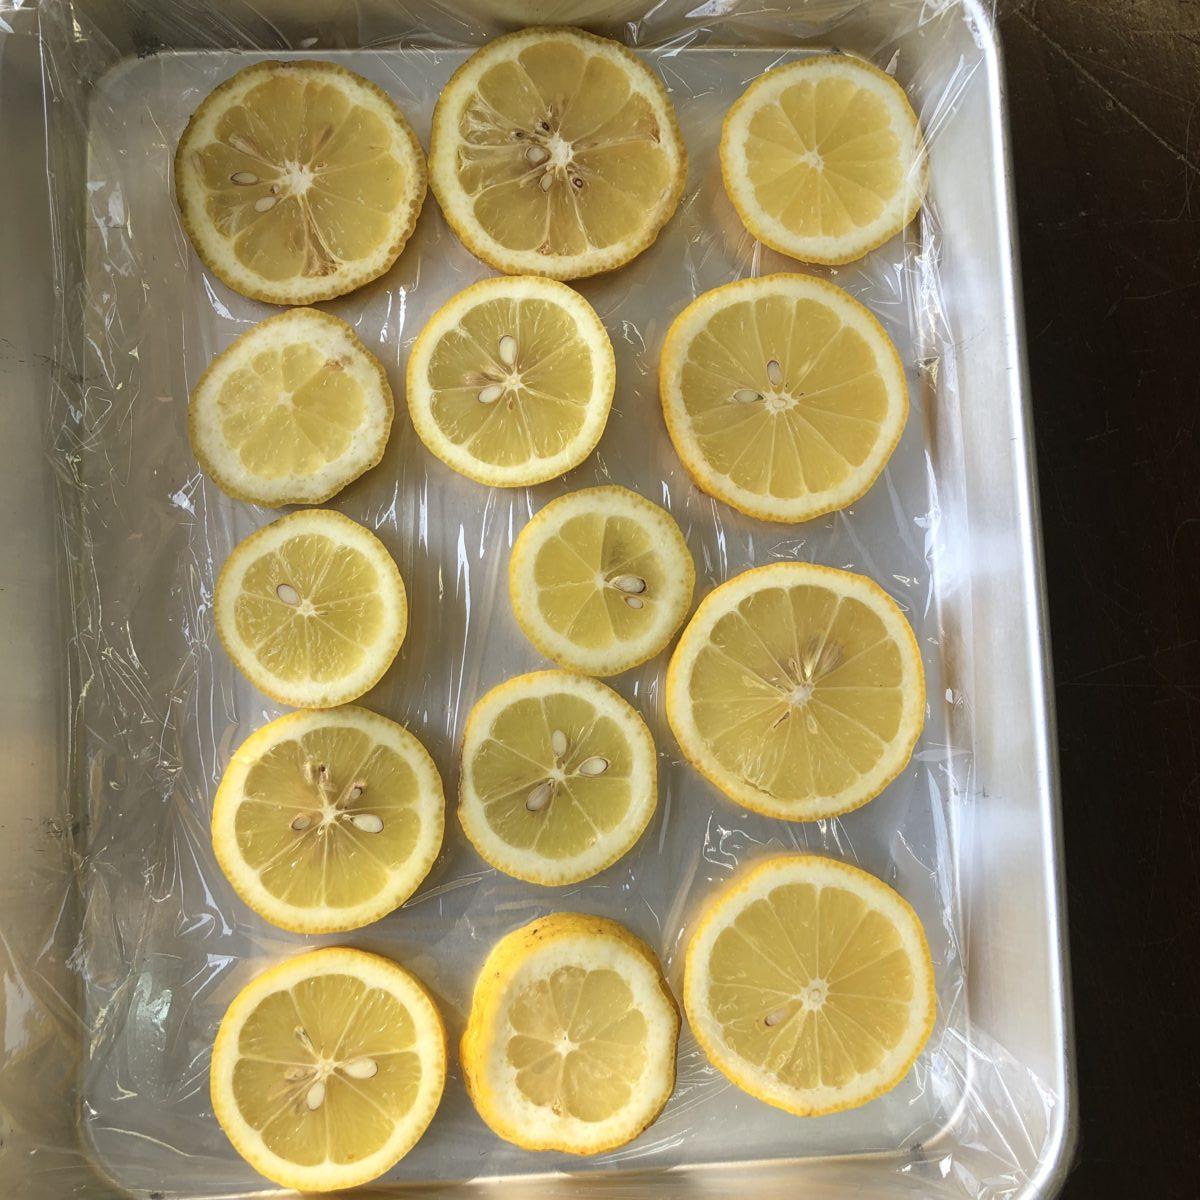 レモンは冷凍で保管しよう